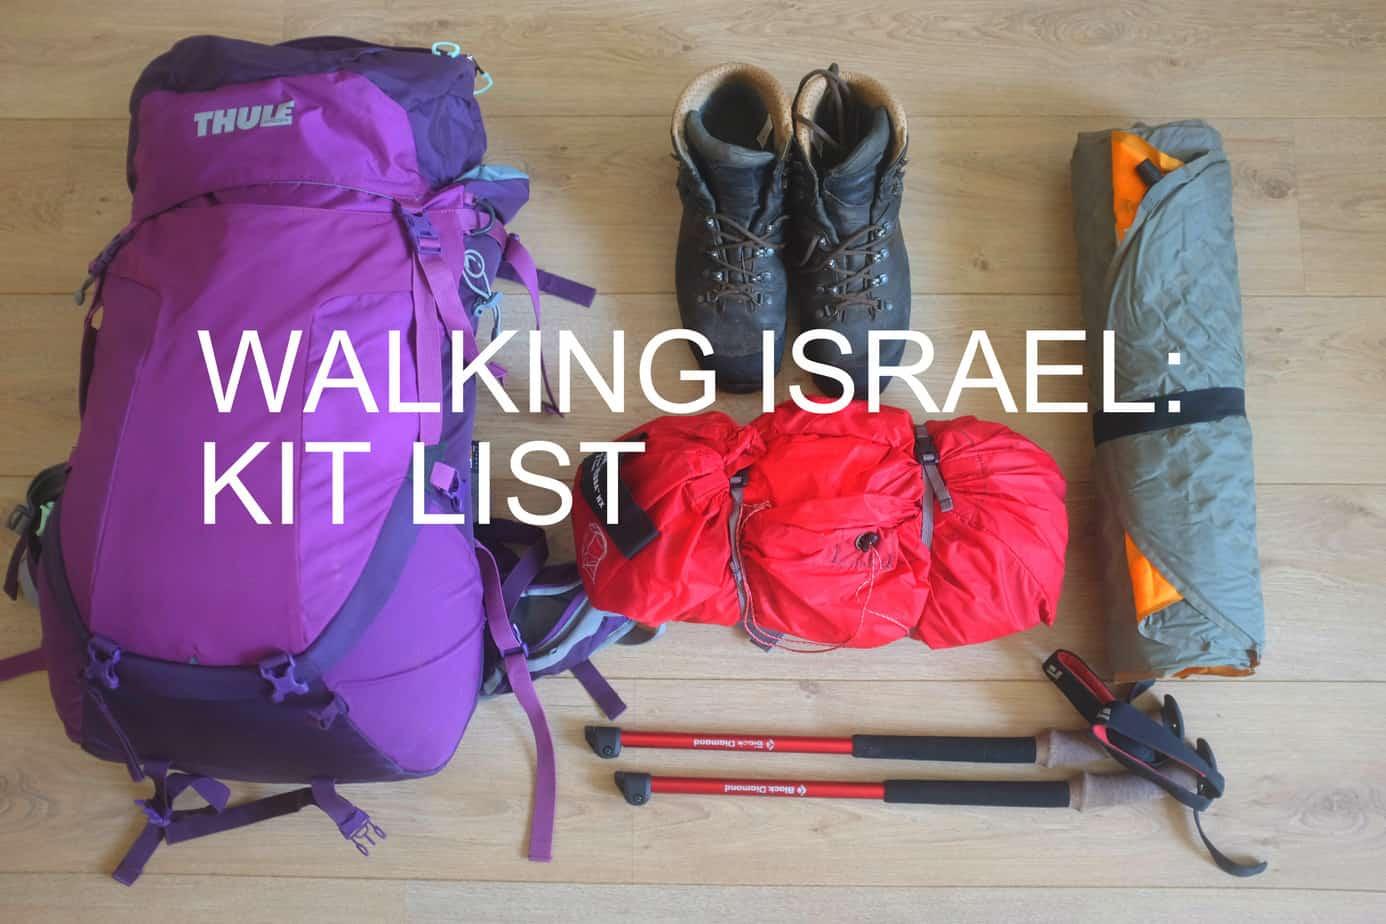 Israel Kit List